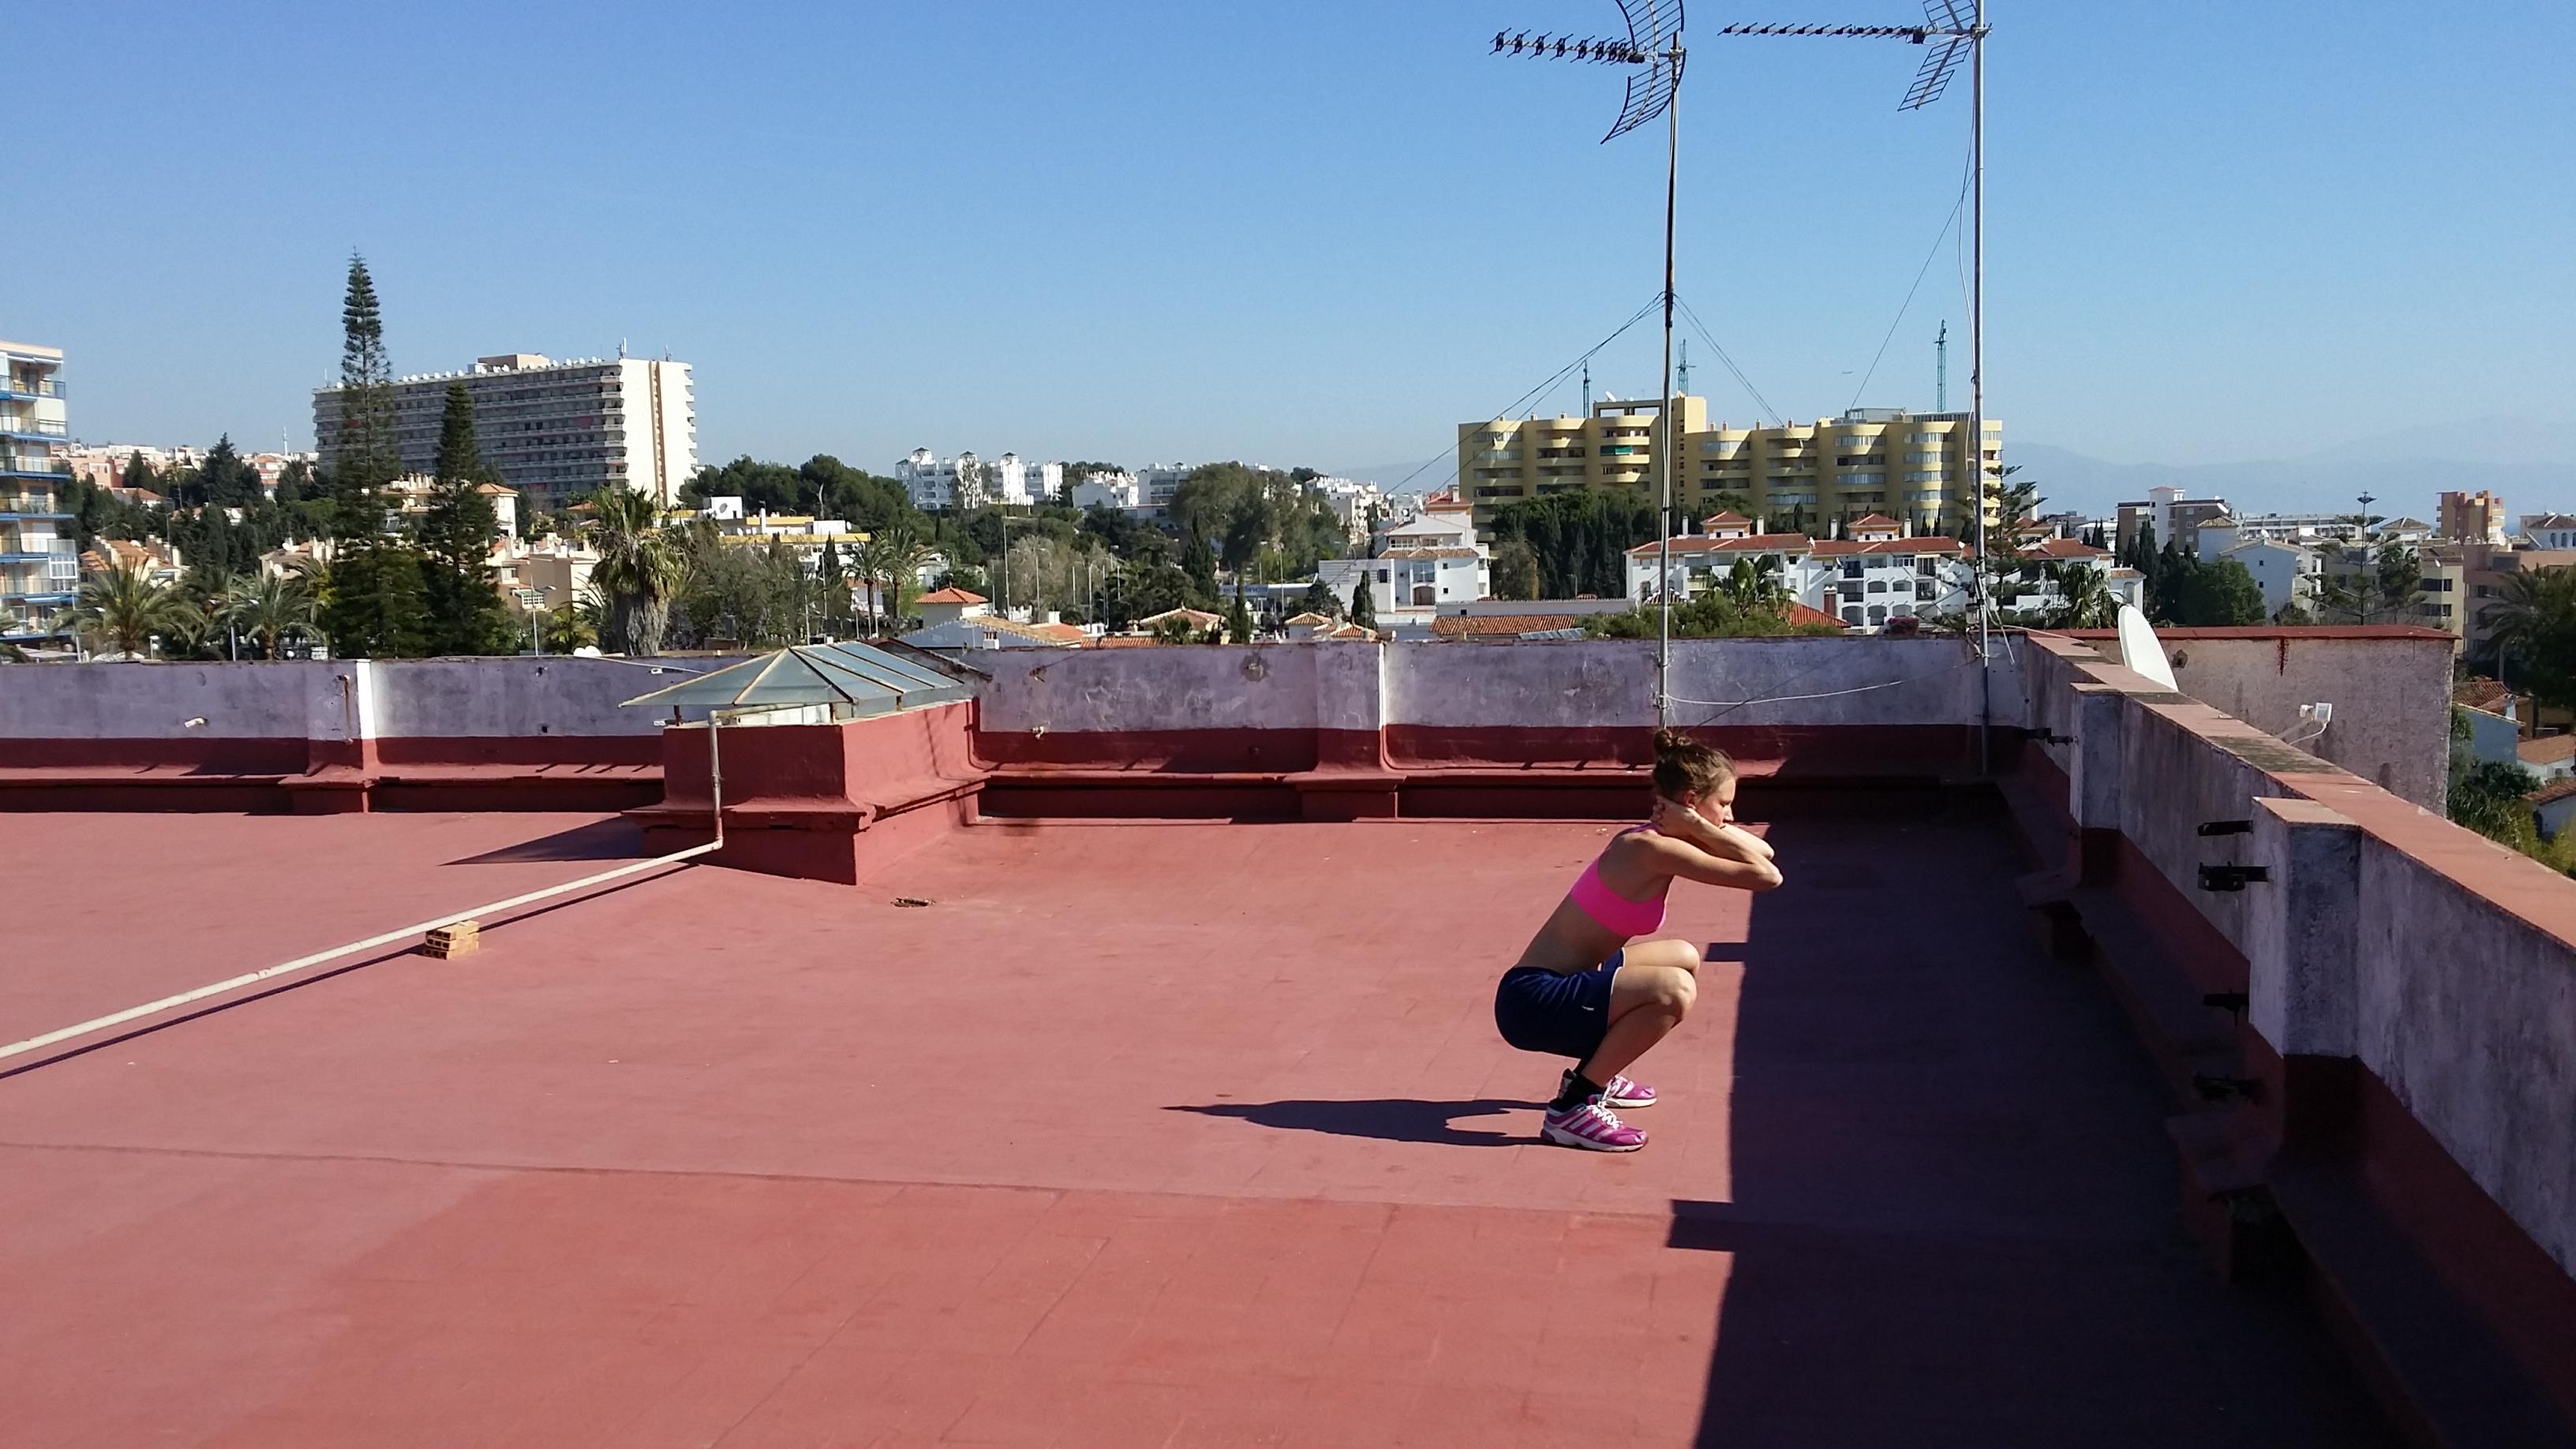 In Malaga